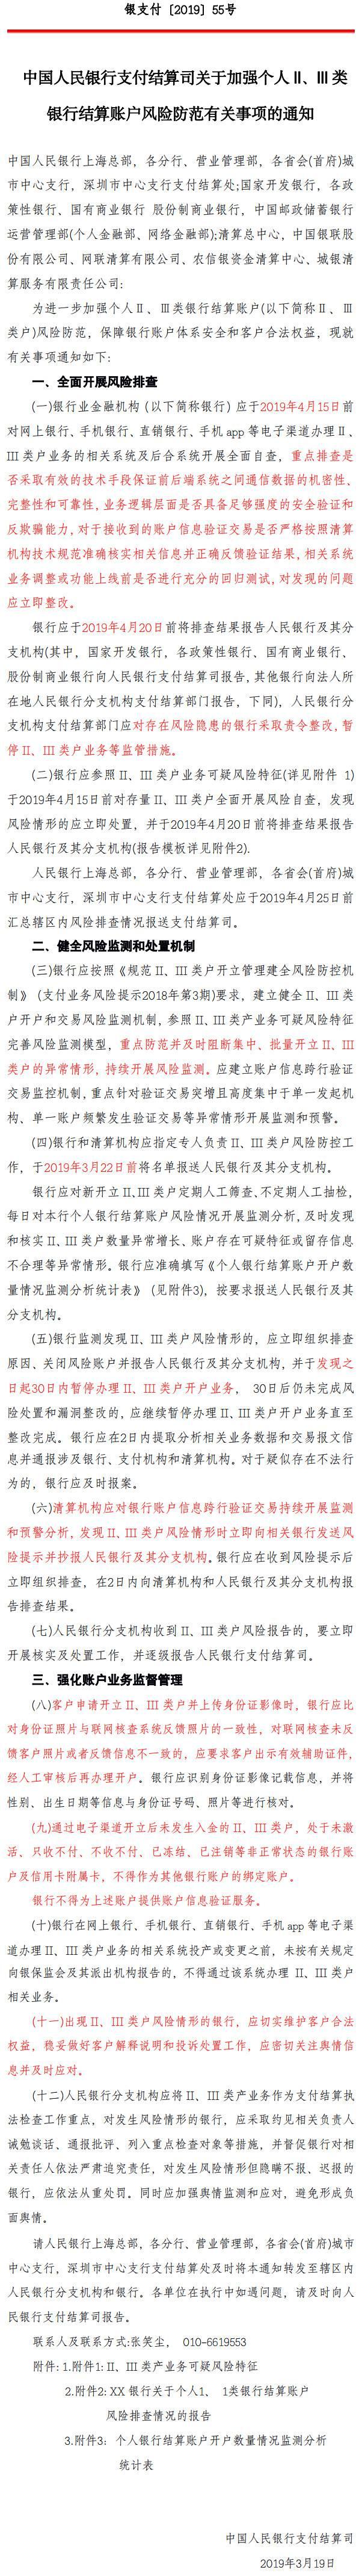 银支付〔2019〕55号《中国人民银行支付结算司关于加强个人II、III类银行结算账户风险防范有关事项的通知》